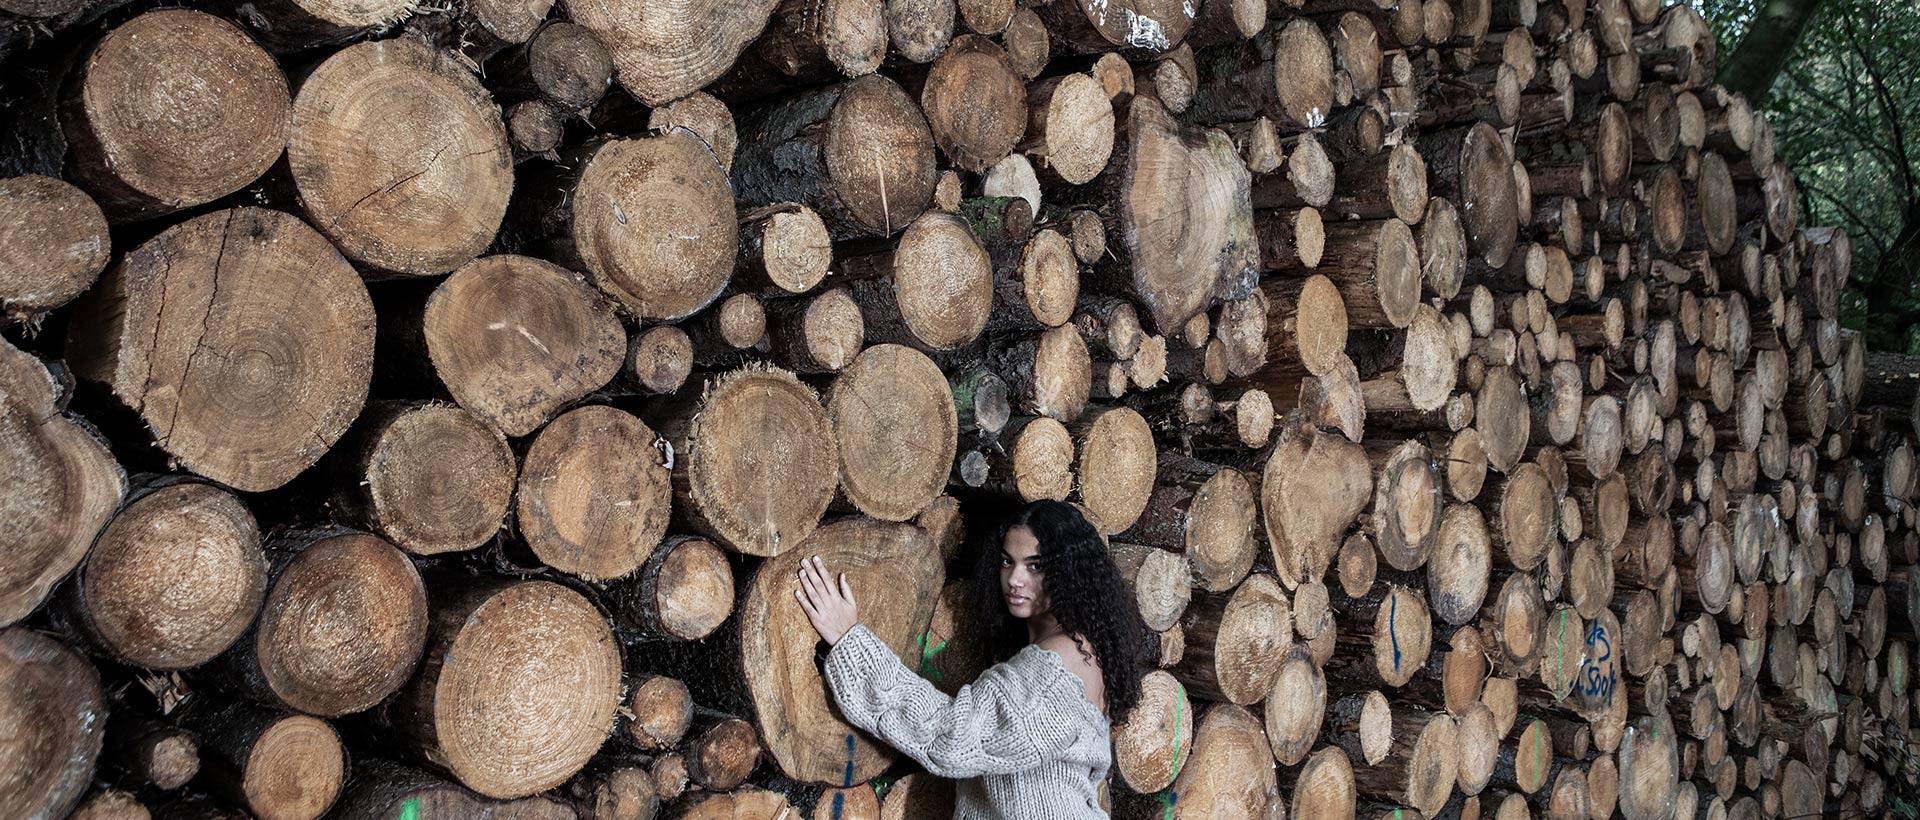 Ein Mädchen lehnt sich an einen Holzstapel, der sie um das Doppelte überragt.